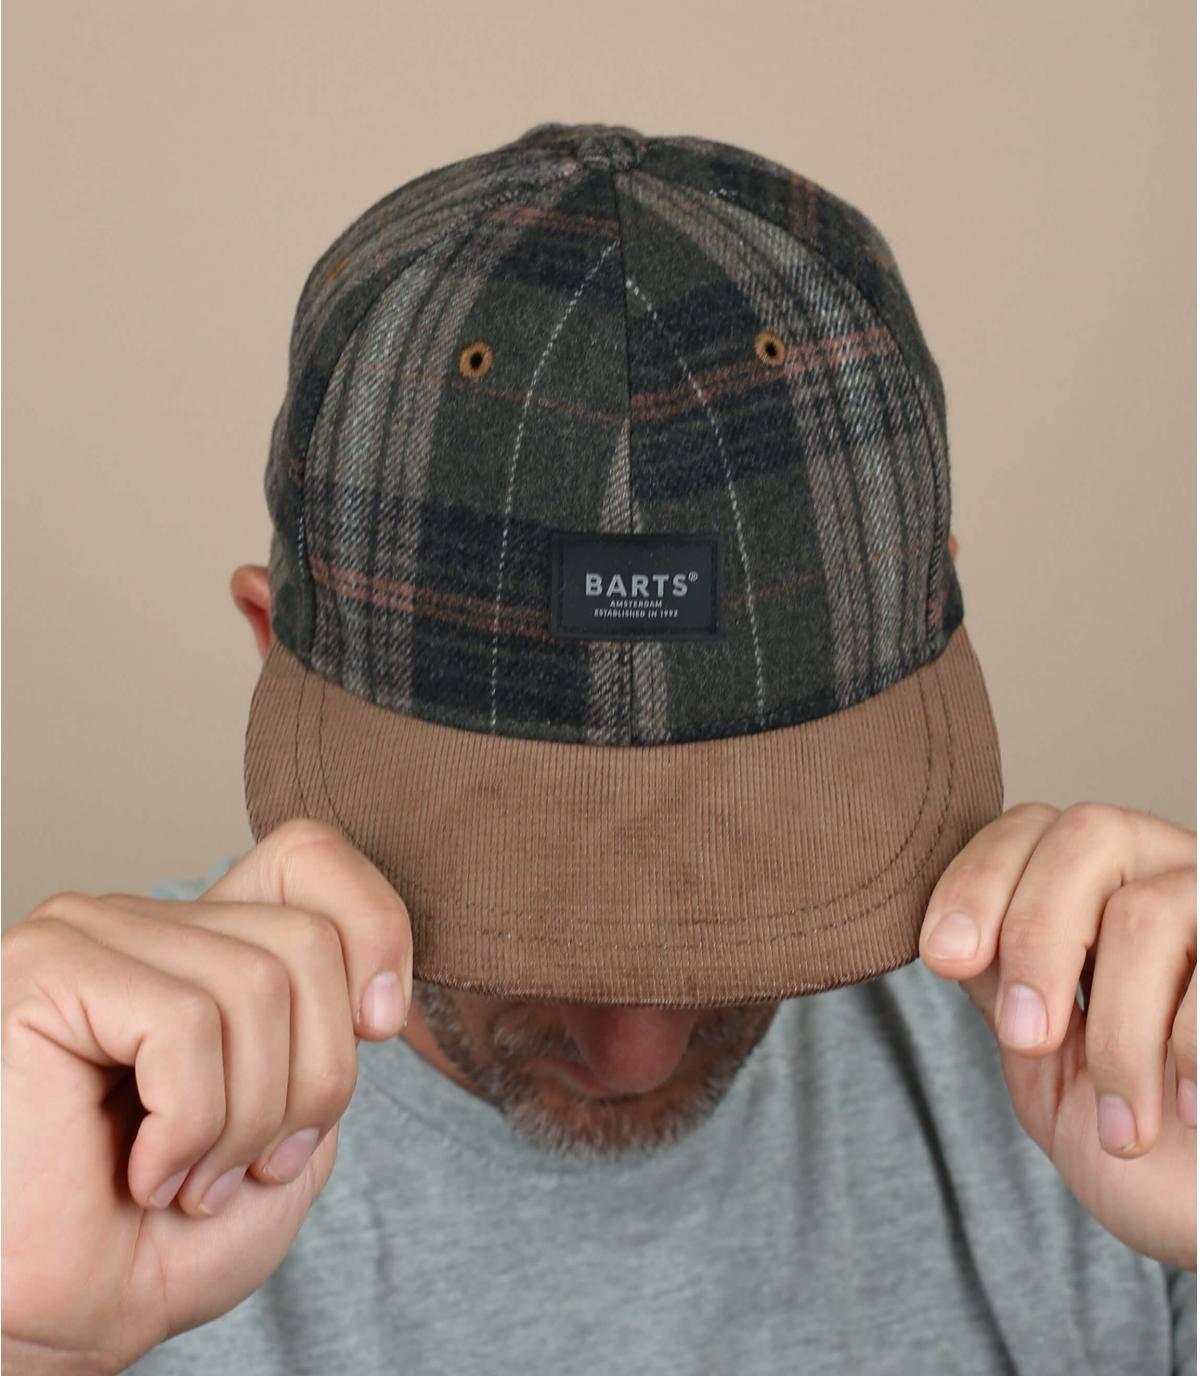 Proteggiti dal freddo con un cappellino dallo stile caldo realizzato in confortevole misto lana, con questo modello a quadri verdi con visiera in camoscio. È regolabile sul retro e foderato.